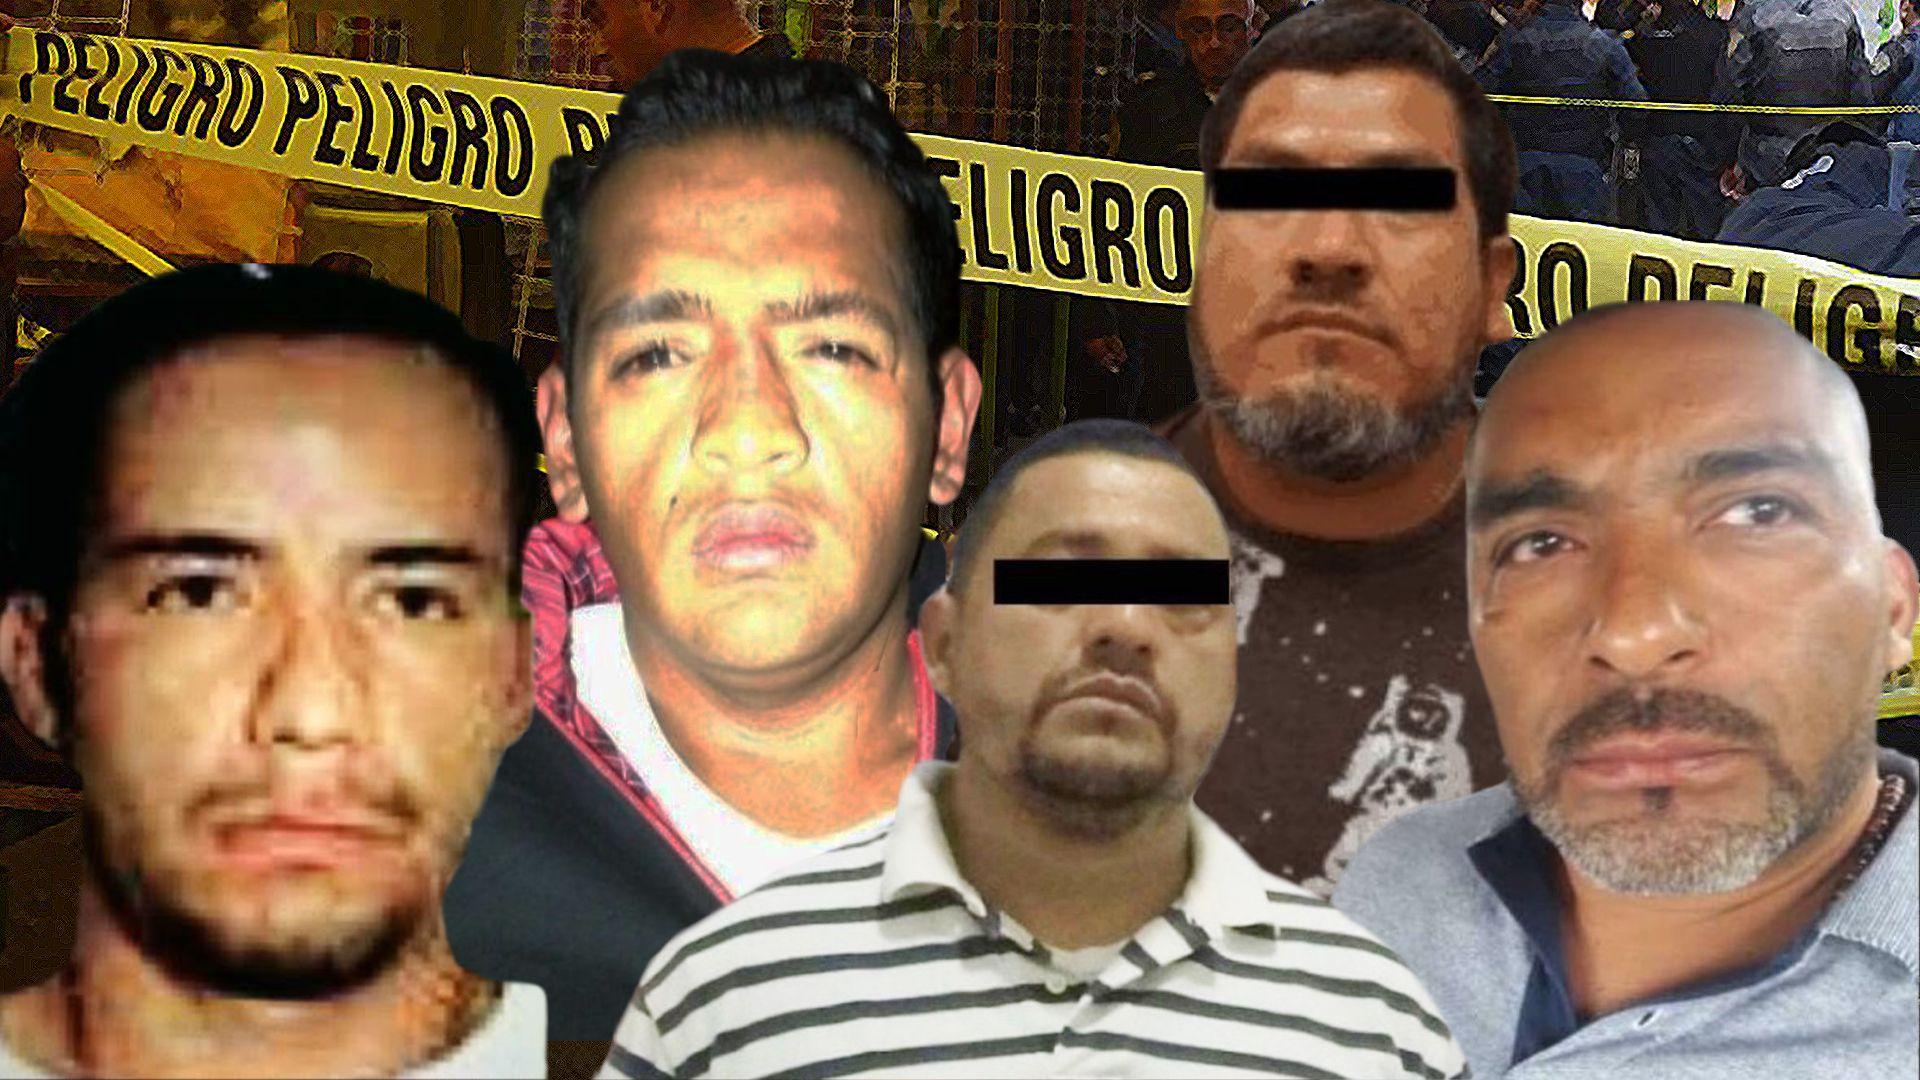 Los líderes de la unión Tepito fueron cayendo uno a uno hasta que solo quedó el Betito, actualmente preso con operadores que mantienen vigente el dominio del grupo criminal (Foto: Ilustración: Infobae)